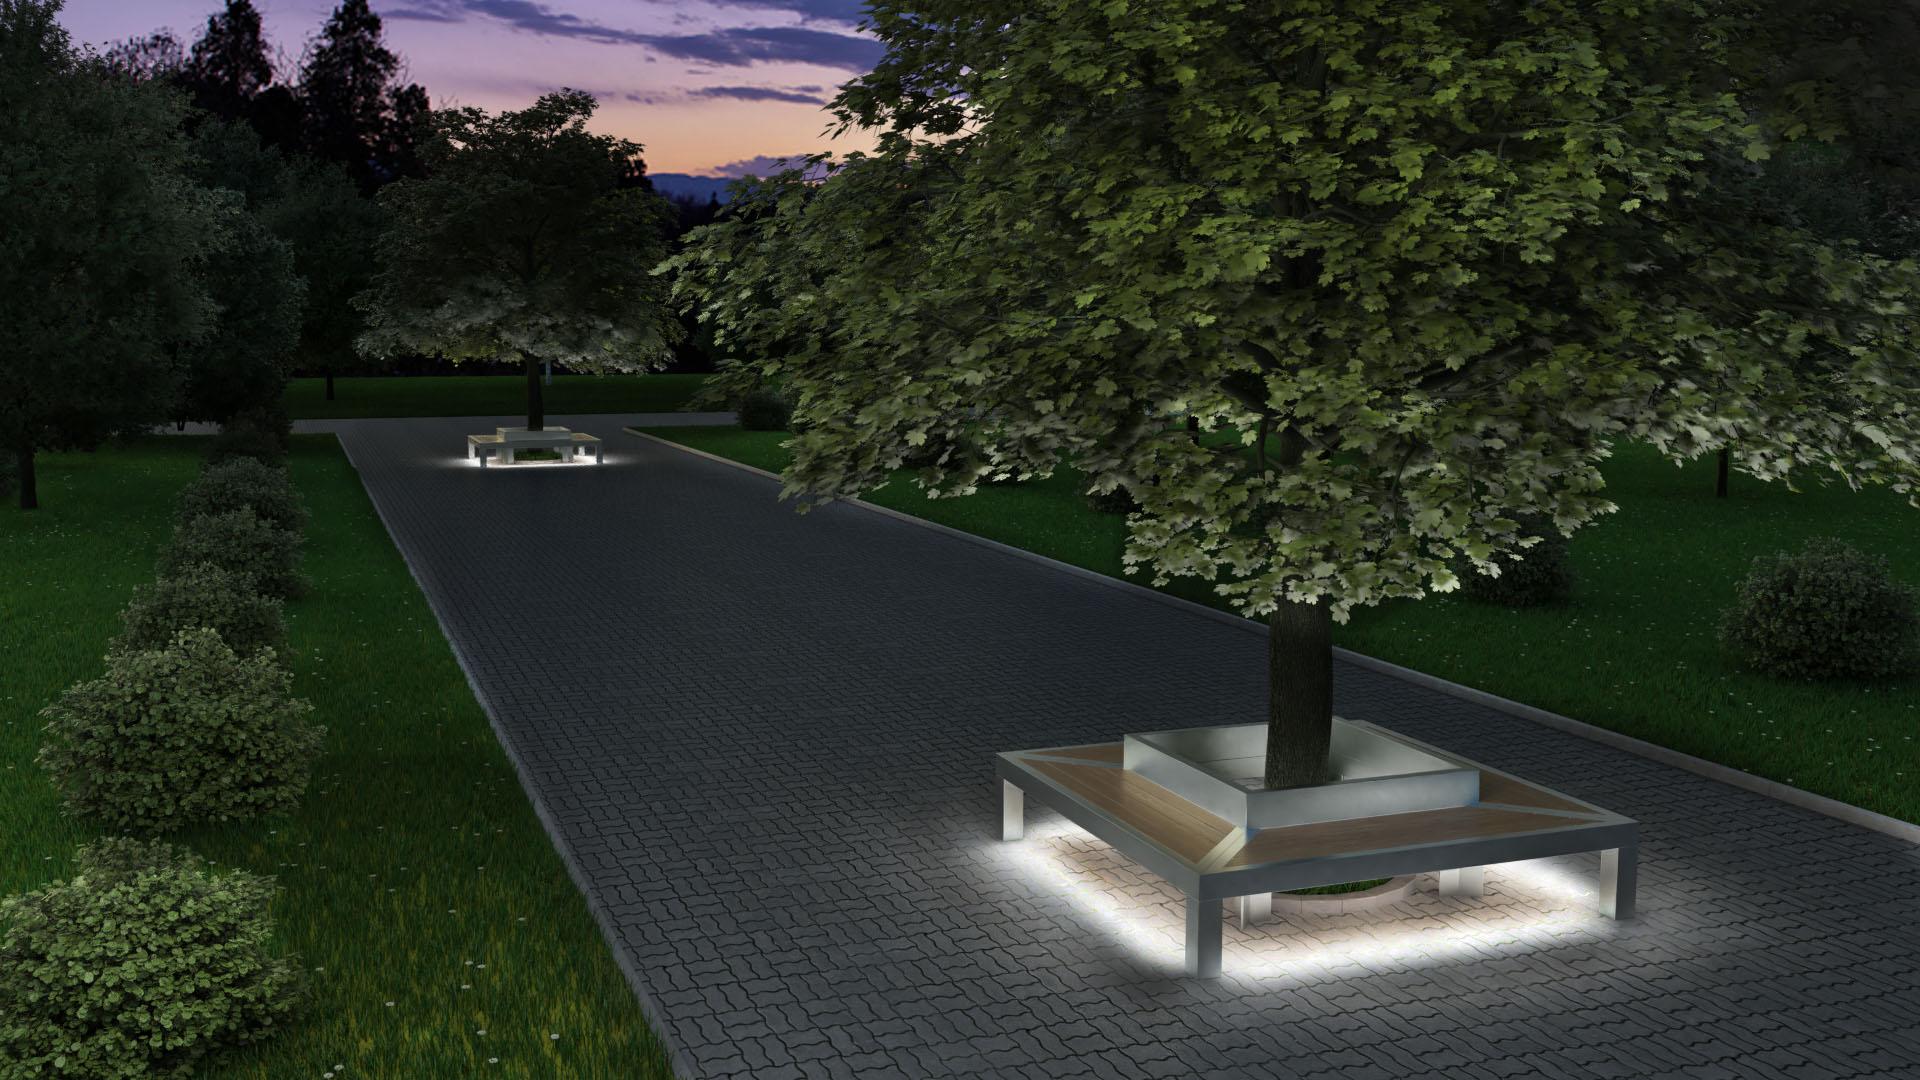 антивандальные парковые скамьи с led подсветкой